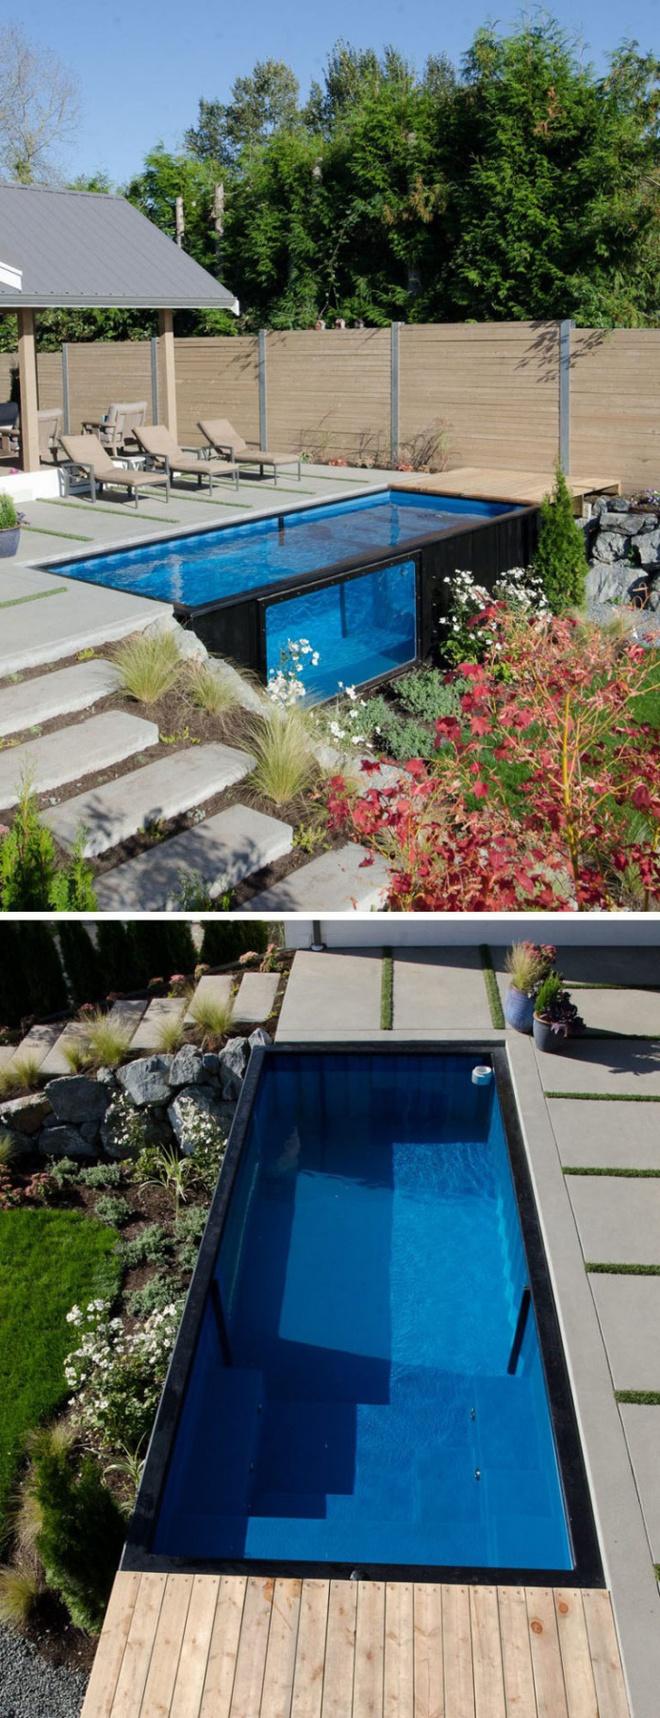 Bể bơi container nhỏ gọn, đẹp tuyệt dành cho nhà có sân vườn nhỏ - Ảnh 1.